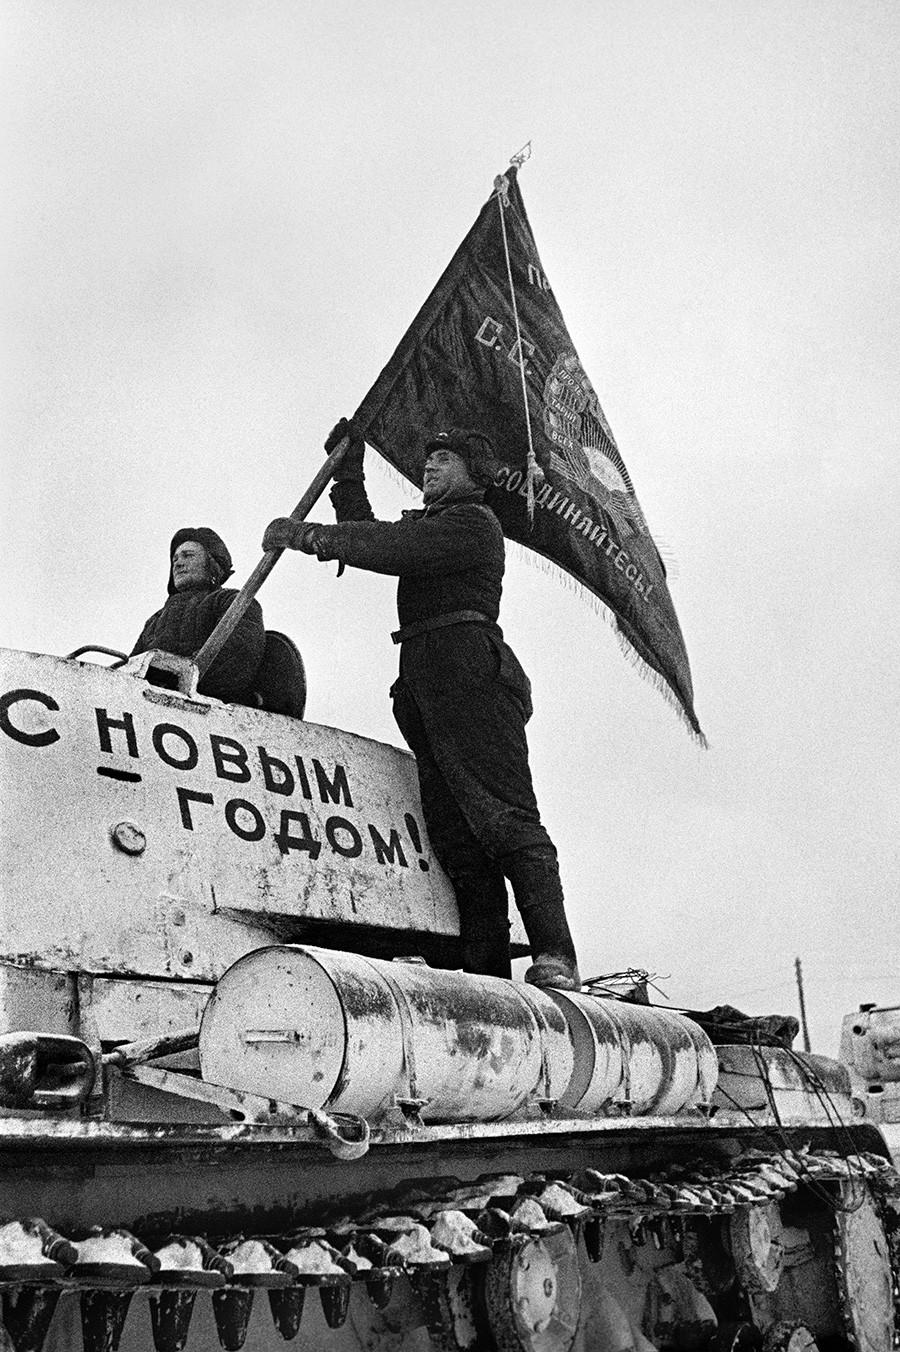 Tankist namešča slavnostno zastavo na tank pred odhodom na fronto za obrambo Moskve 31. decembra 1941. Na tanku piše